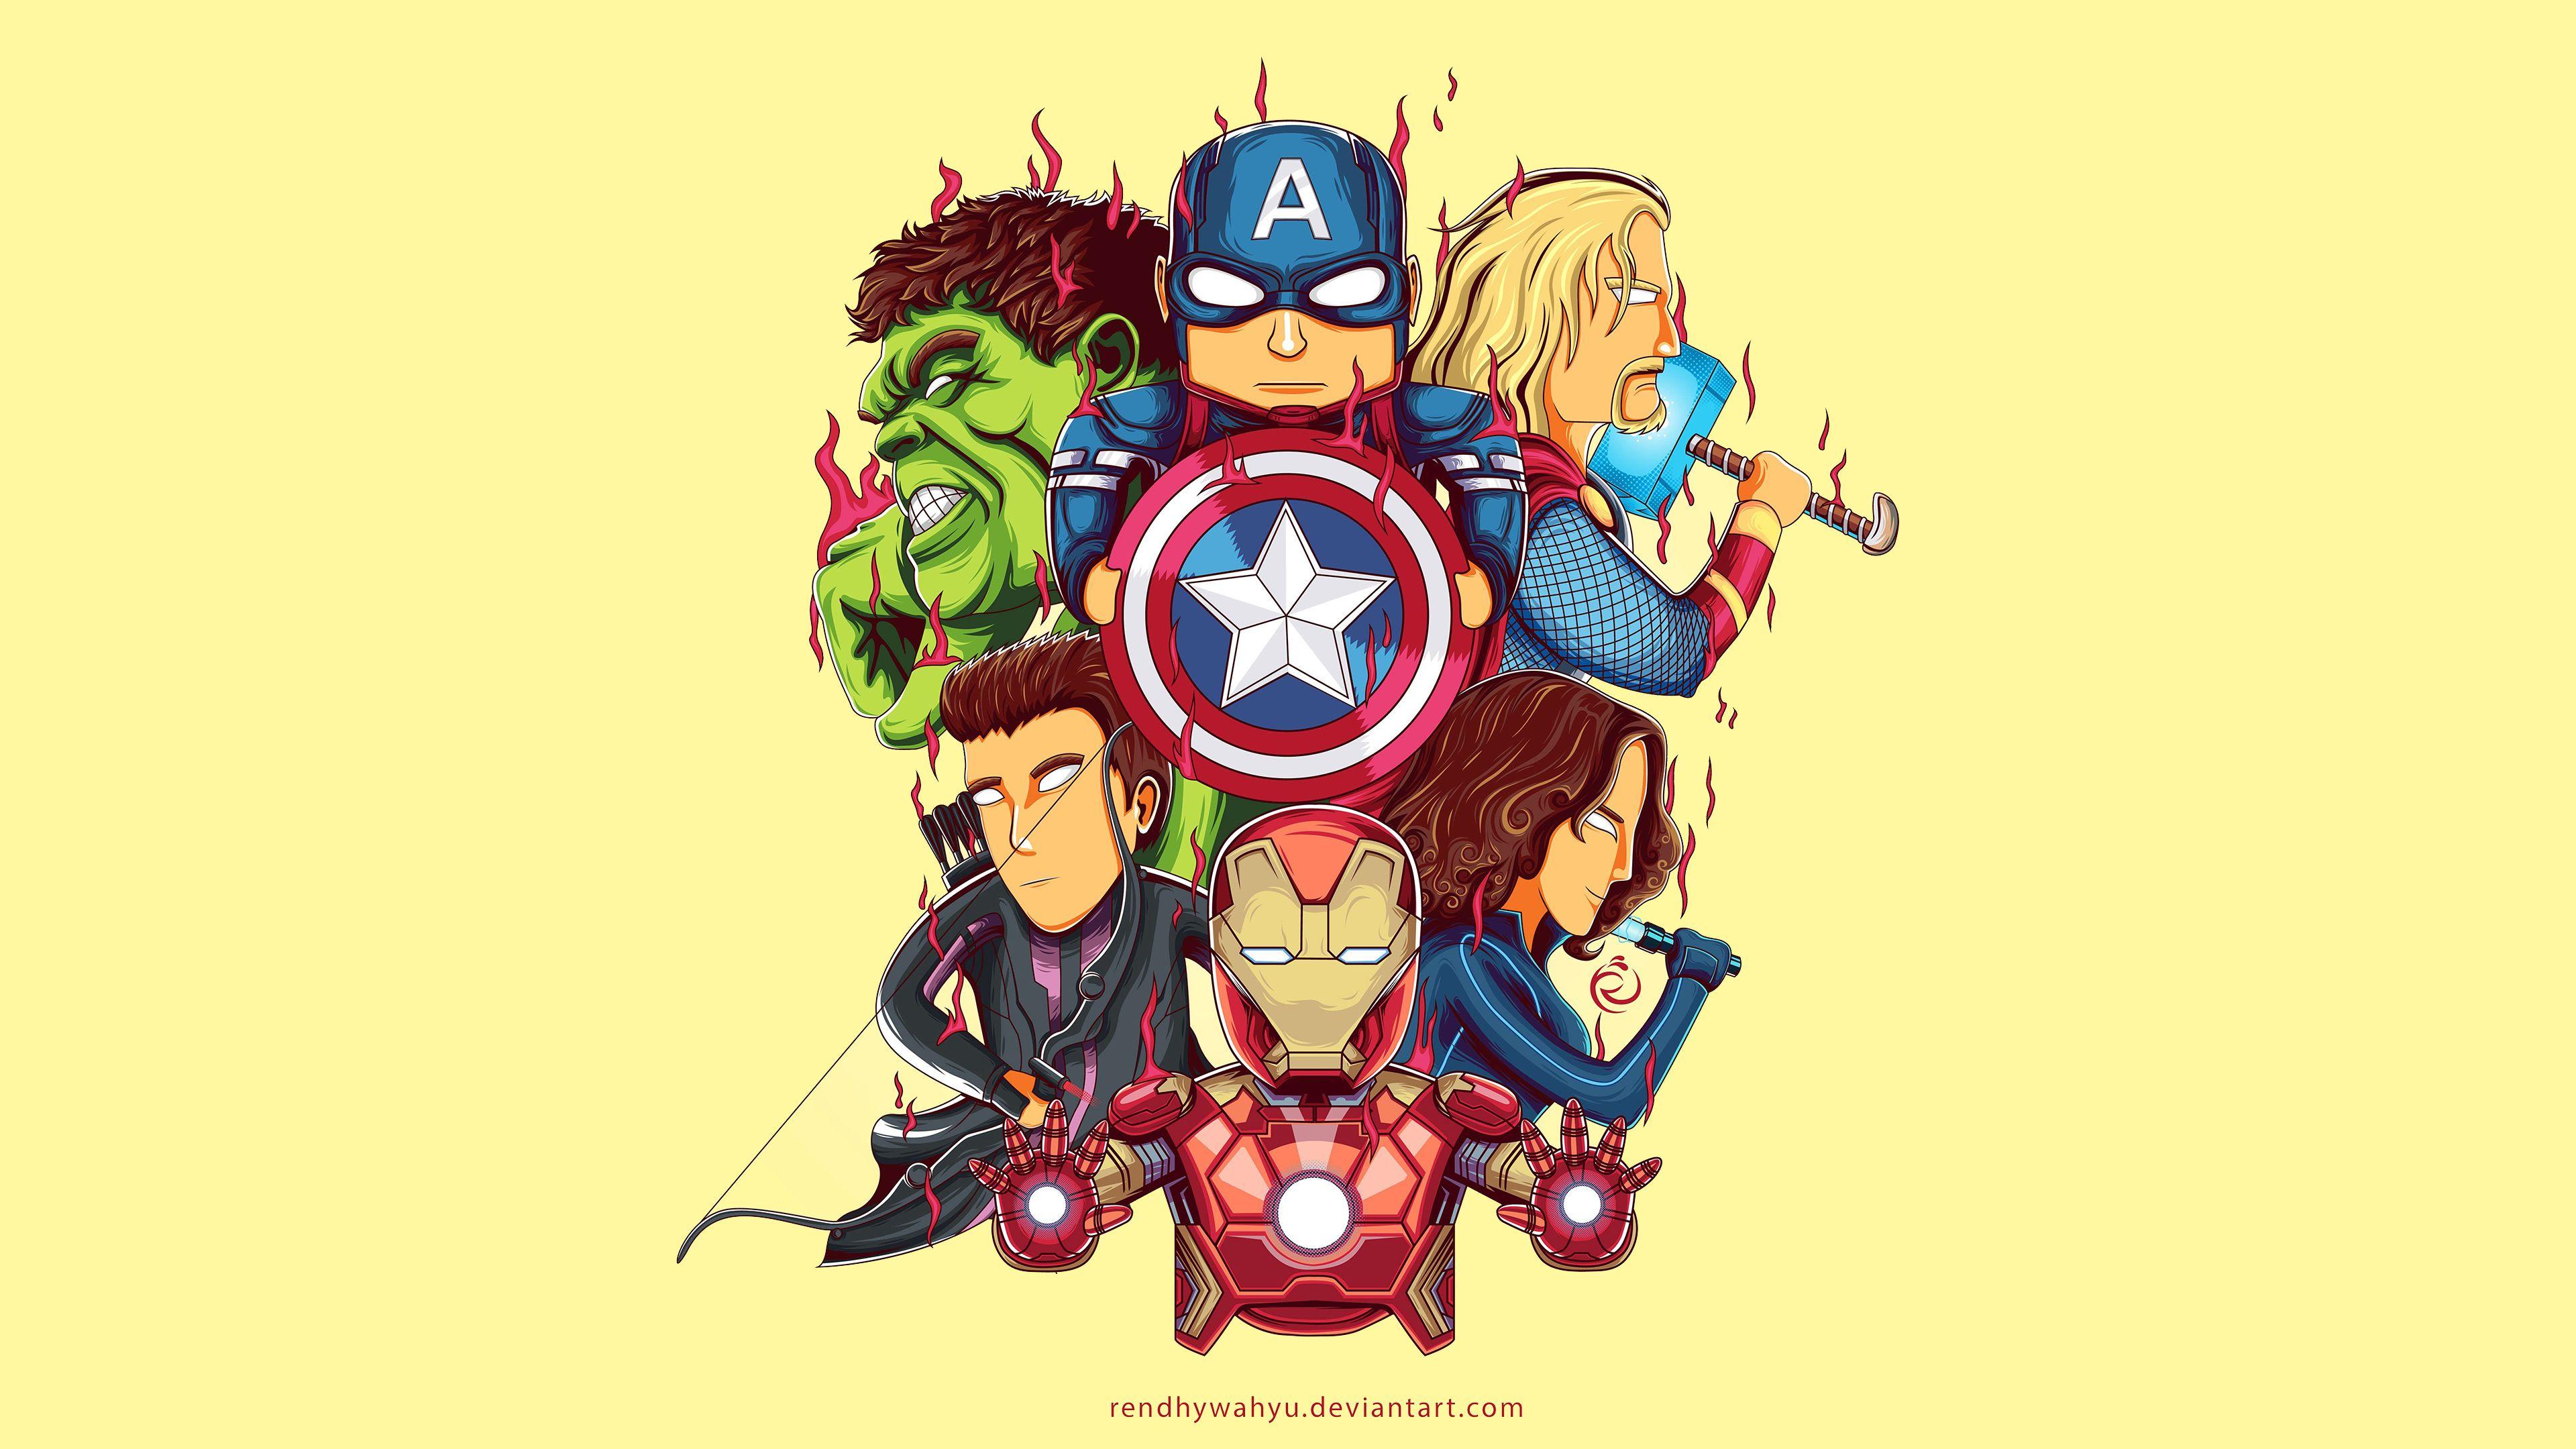 Little Avengers 4k Art Thor Wallpapers Superheroes Wallpapers Iron Man Wallpapers Hulk Wallpapers Thor Wallpaper Captain America Wallpaper Cartoon Wallpaper